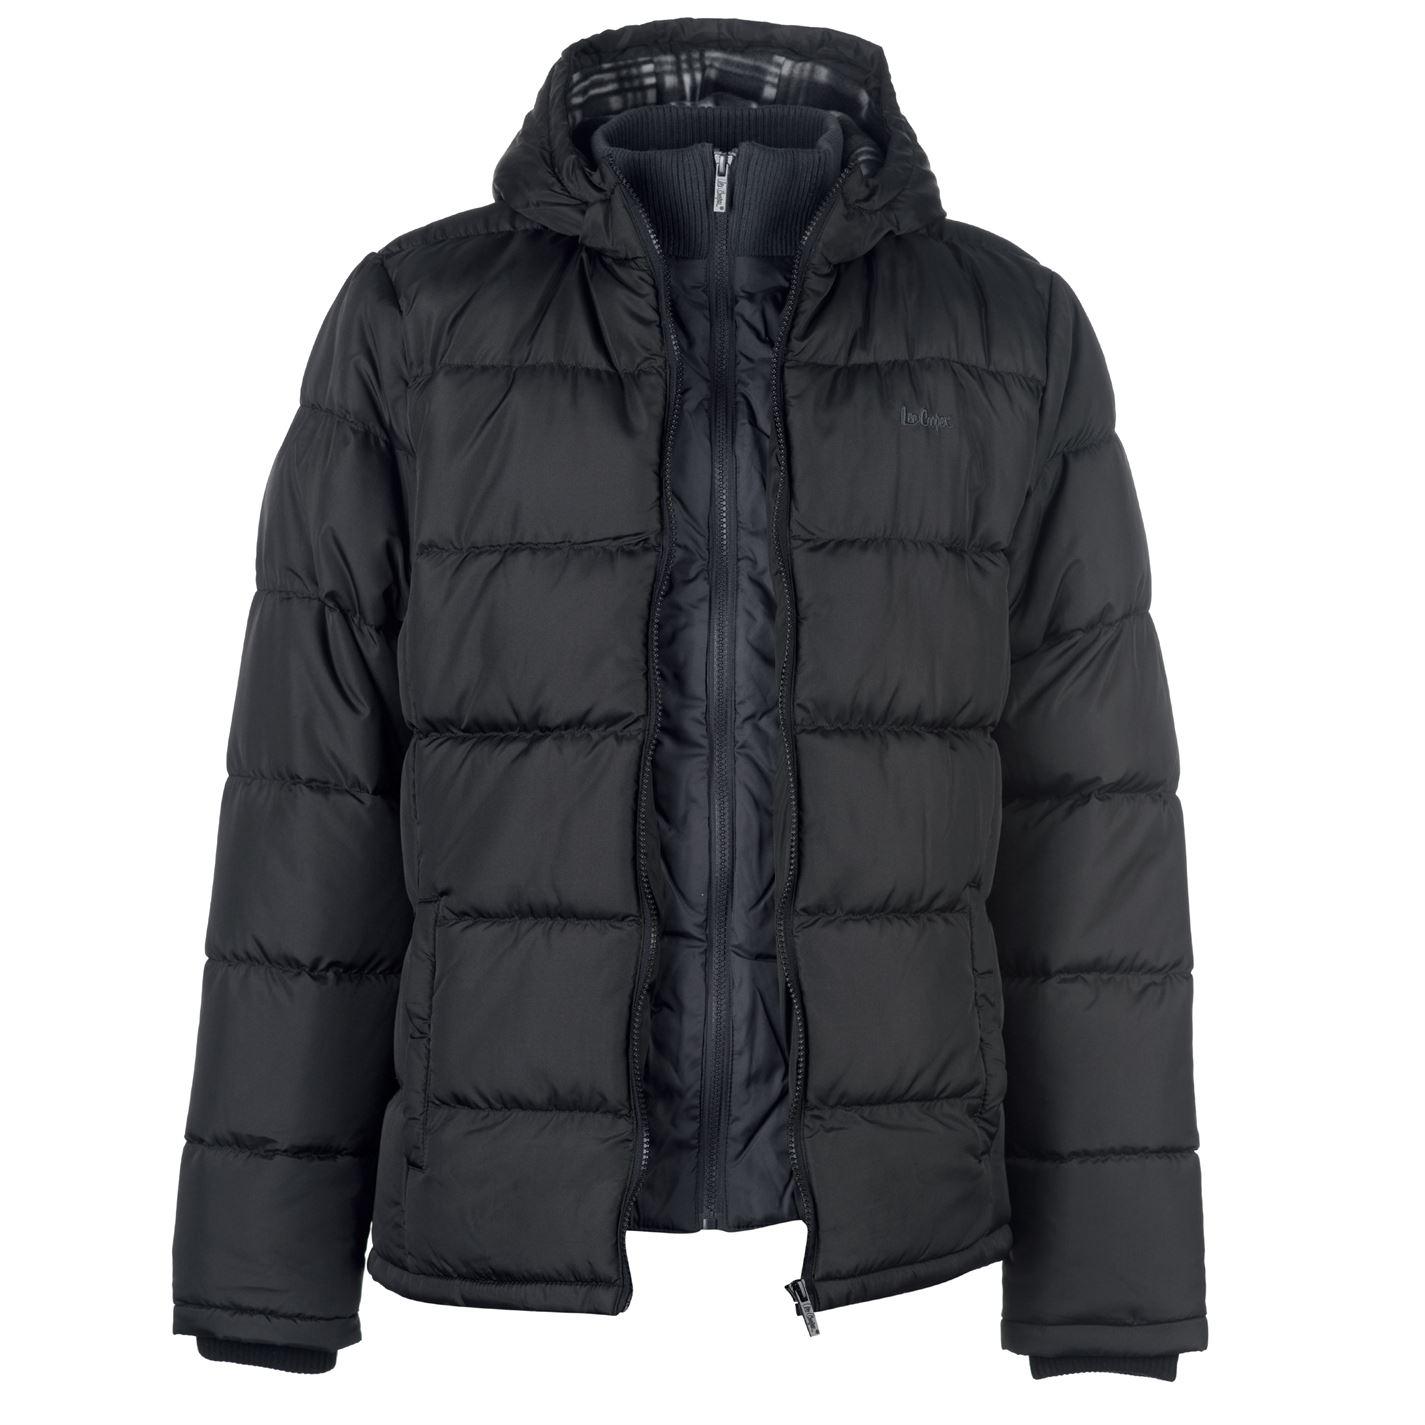 Lee Cooper vyztoužena pánská bunda s dvěma zipy